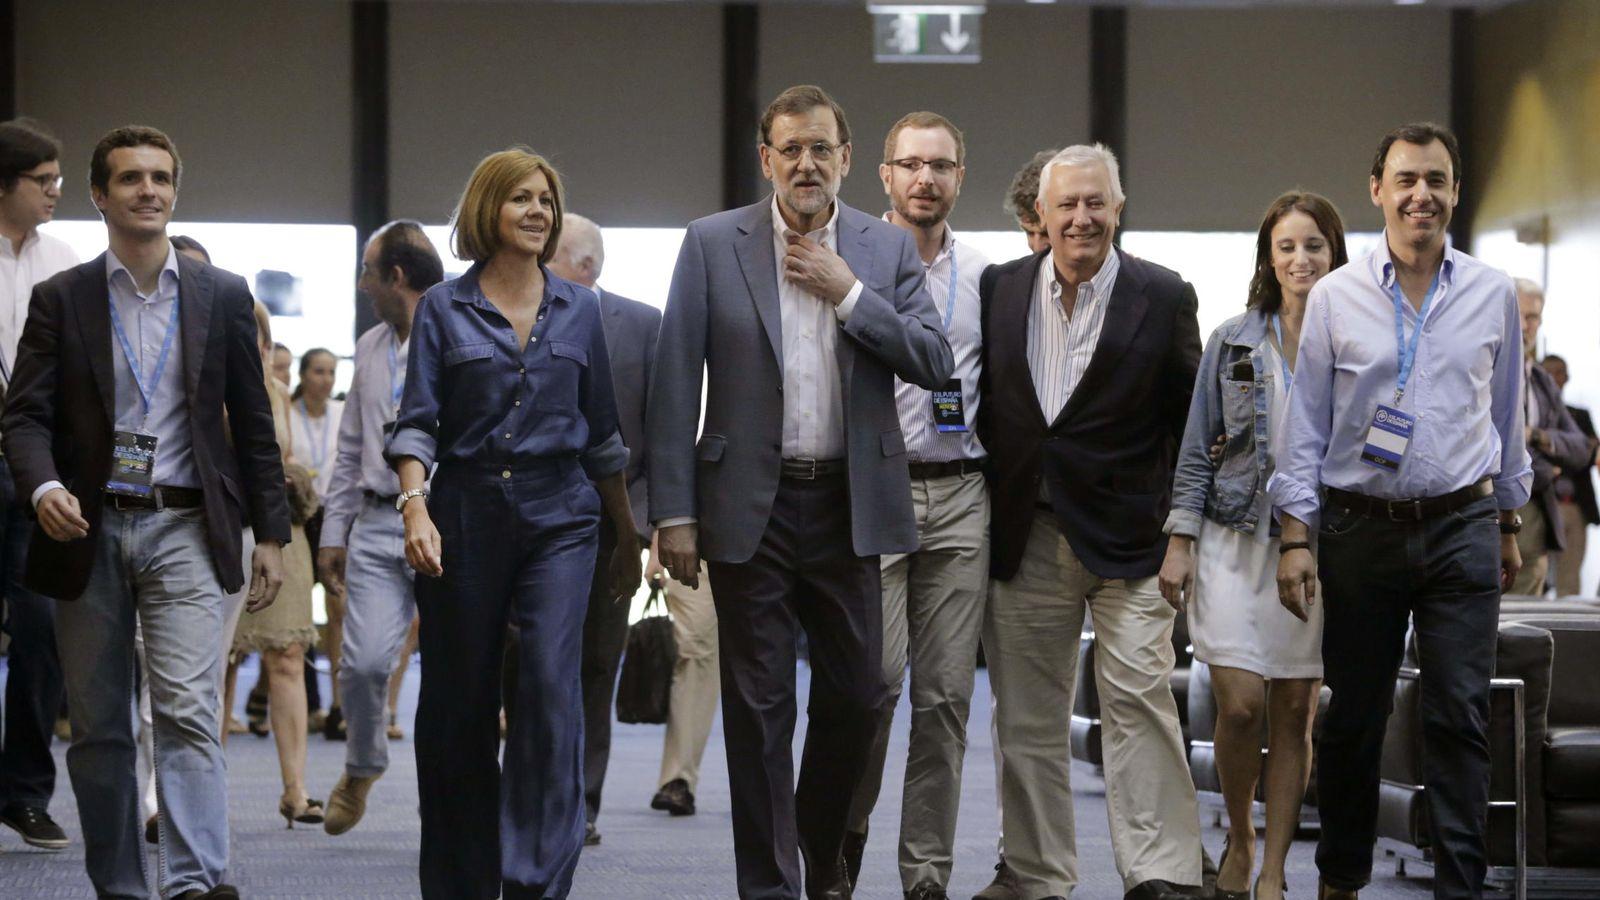 Elecciones catalu a 2015 rajoy desembarca en catalu a con for Direccion madrid espana